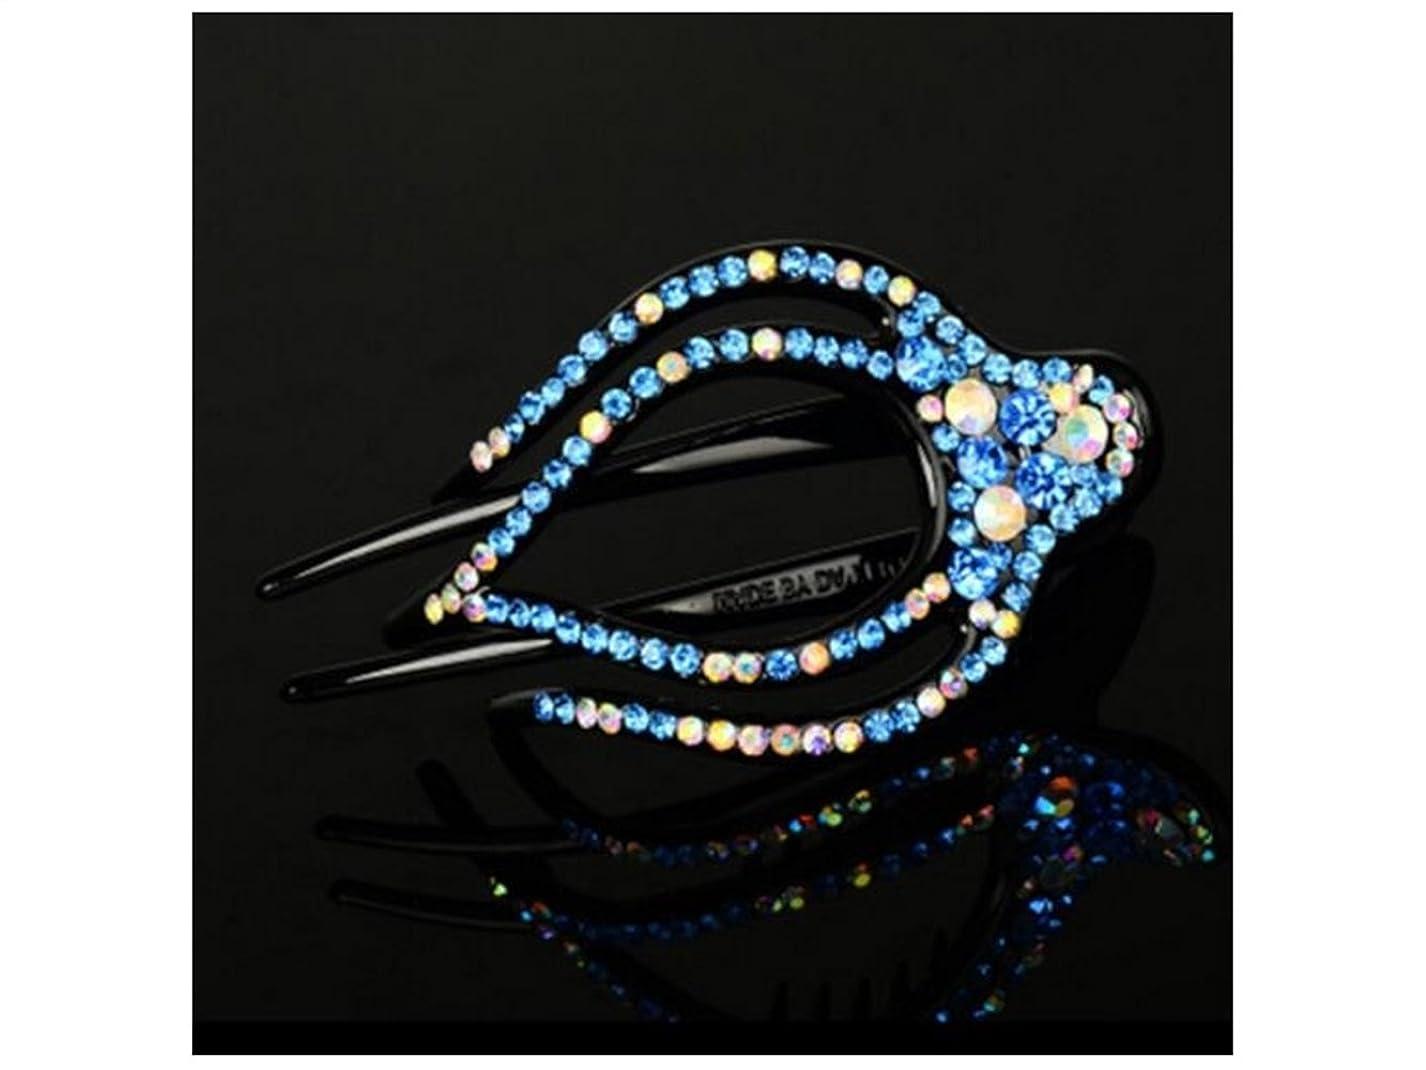 甲虫肥満ゴムOsize 美しいスタイル 女性のラインストーンラージヘアピンクロークリップ大人のヘアヘアアクセサリー(ブルー)